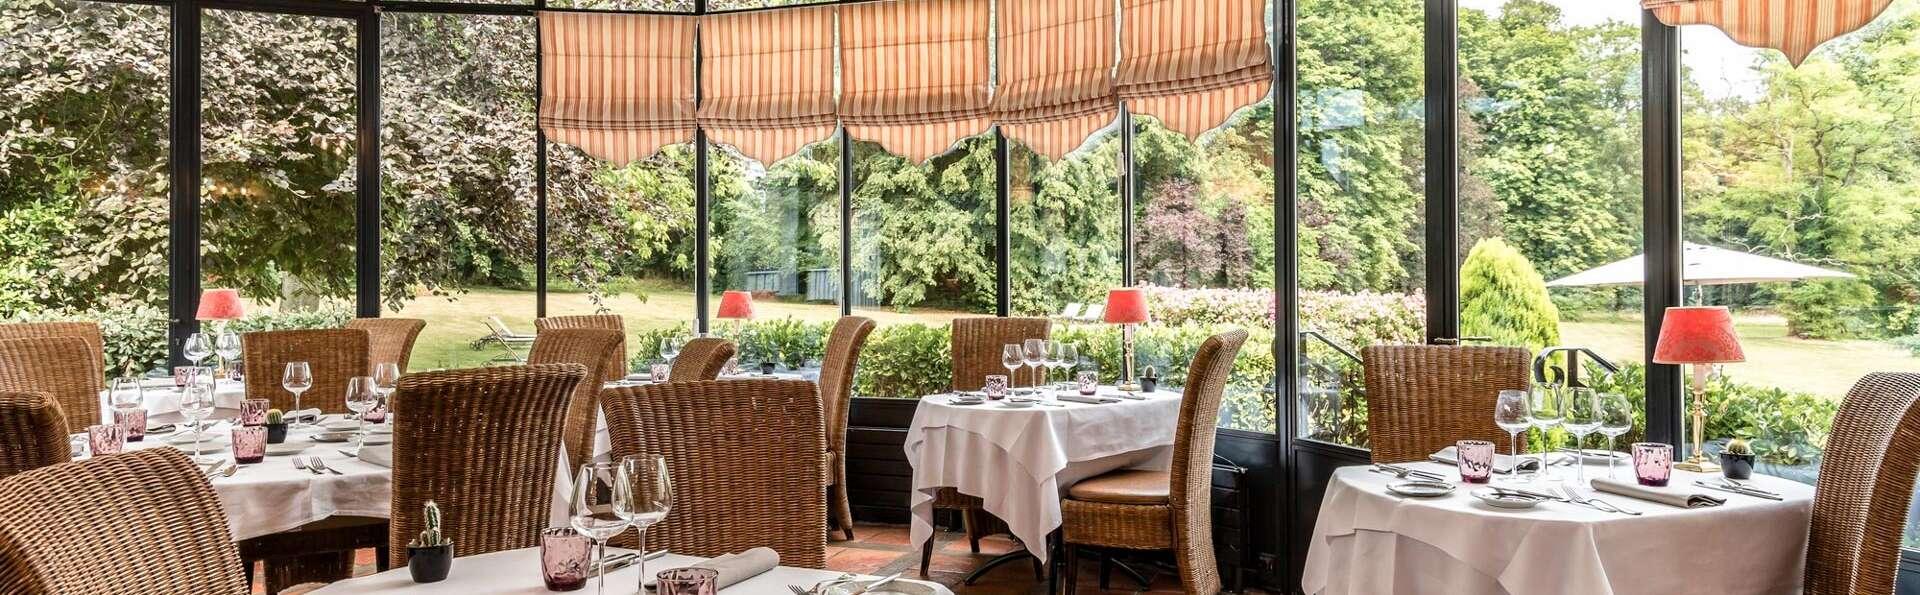 Séjour gourmand et exquis avec vue panoramique au Najeti Château Cléry